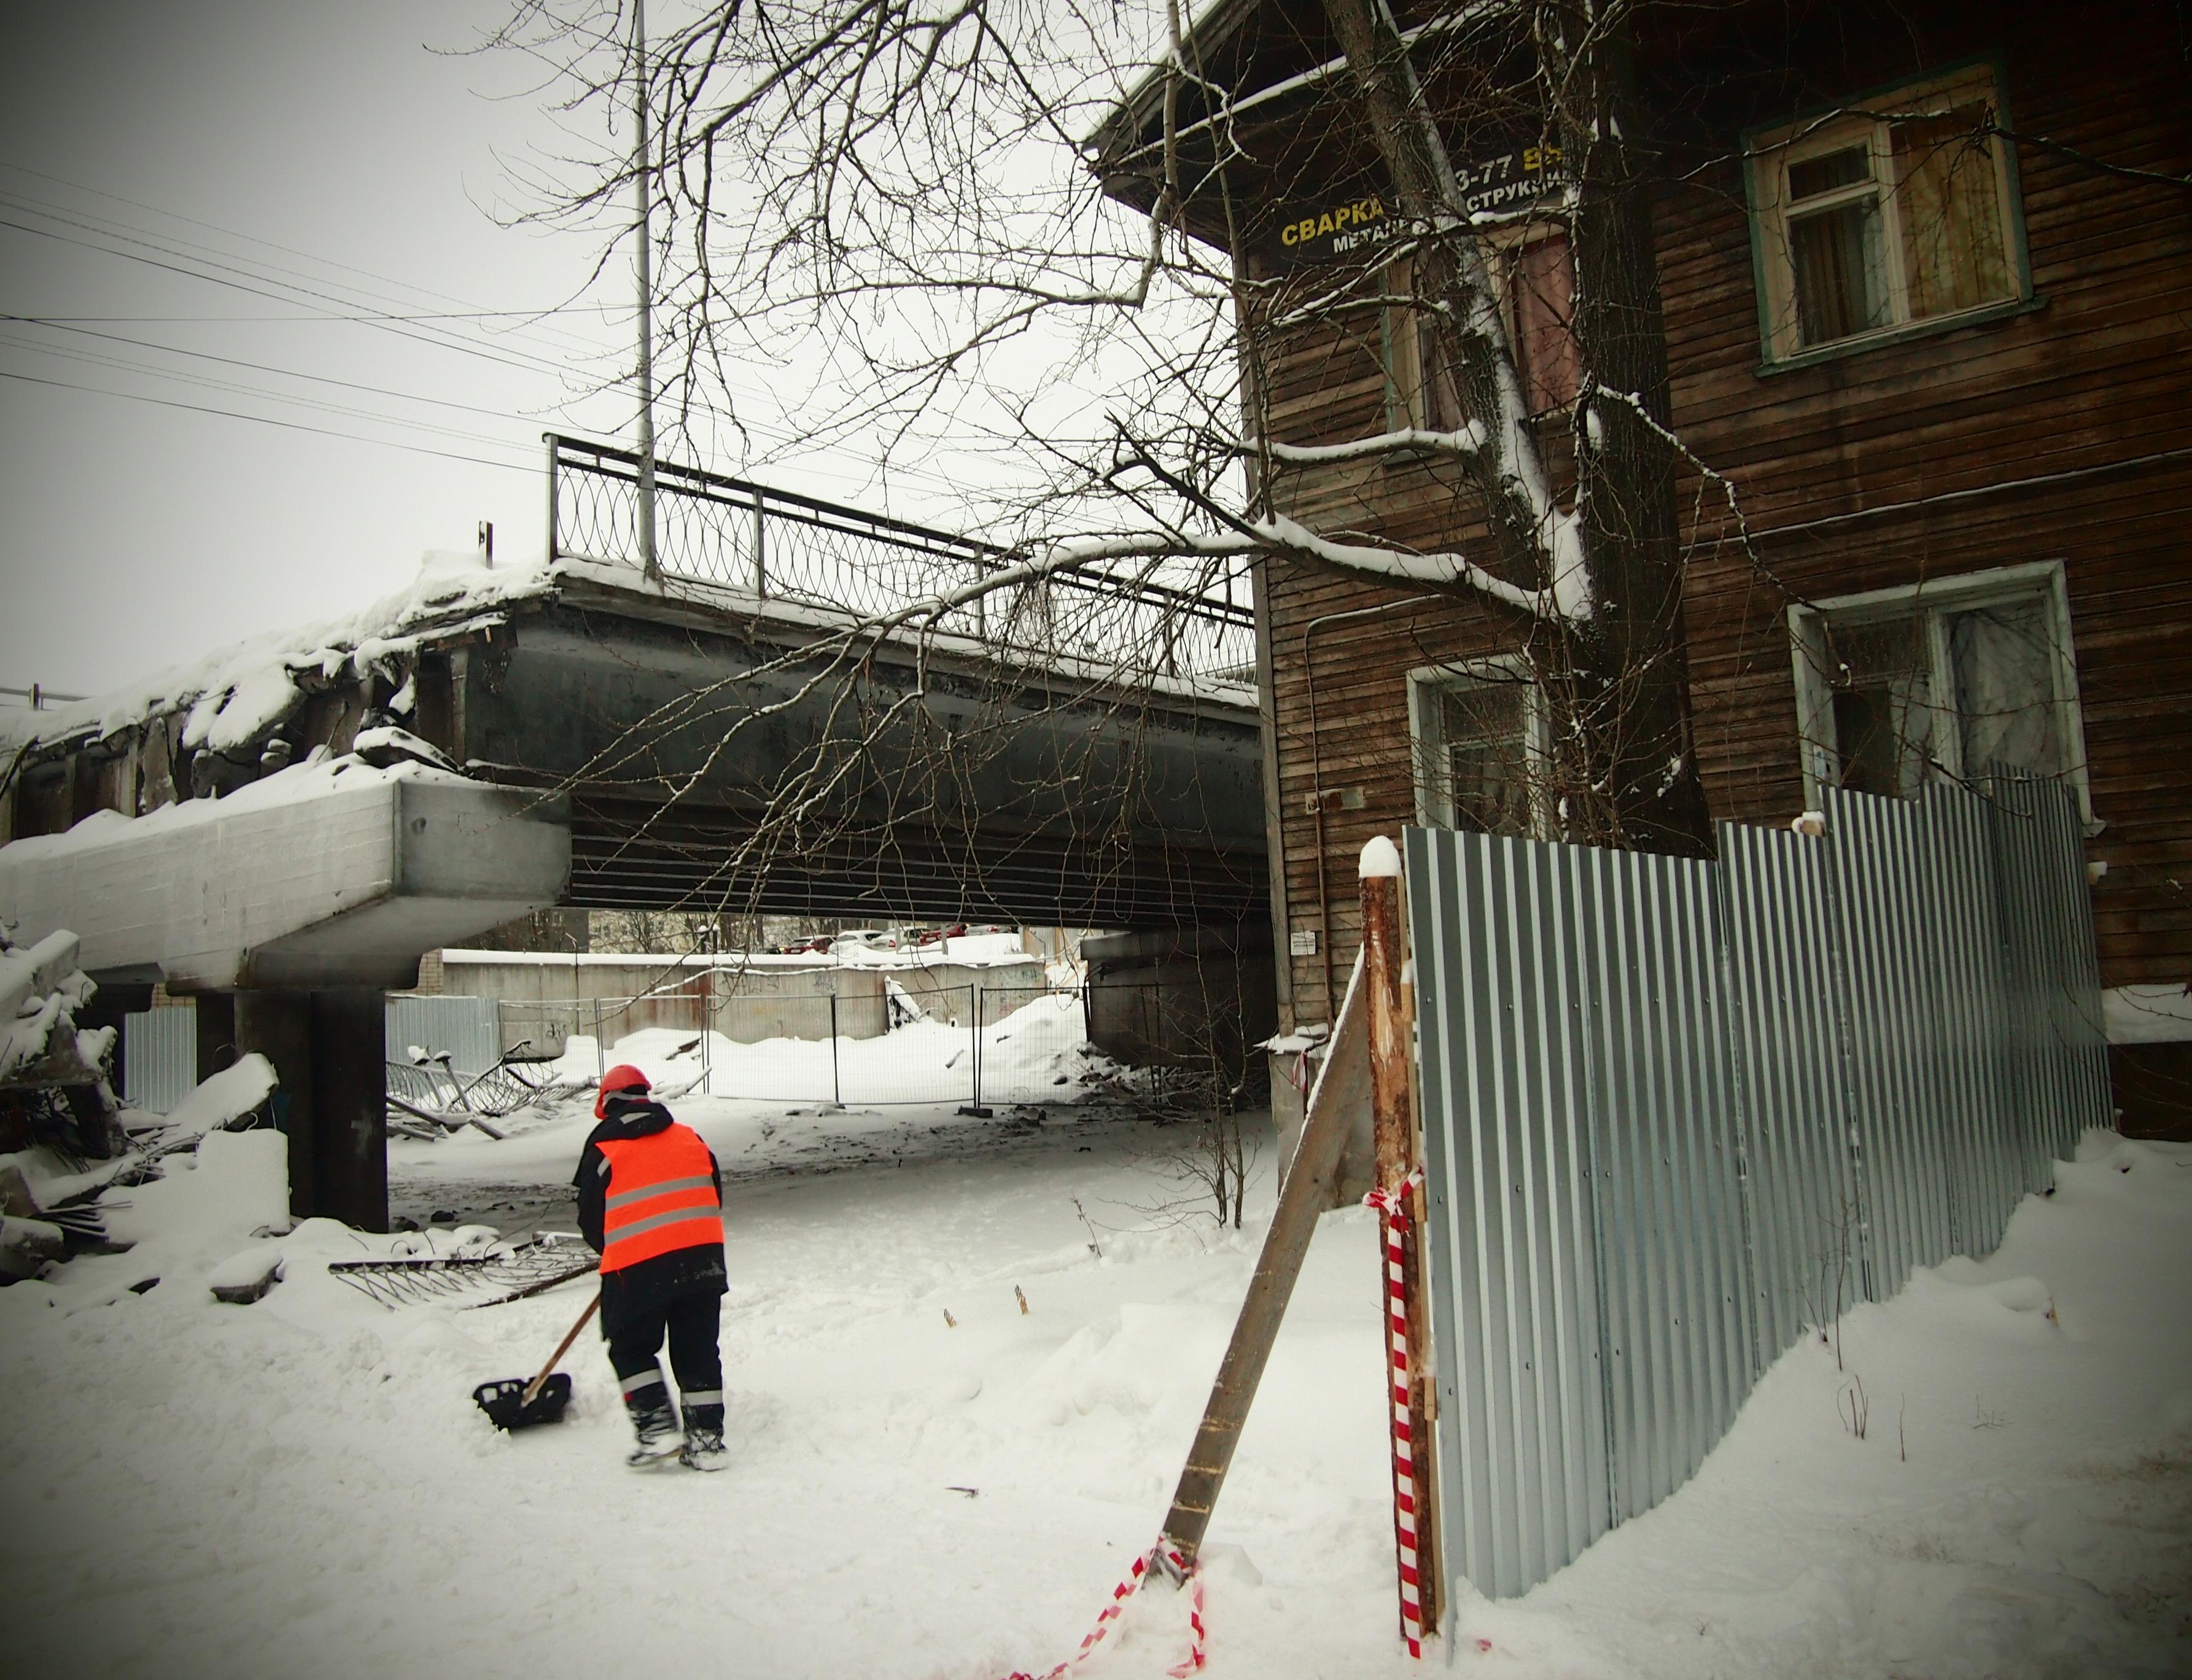 Гоголевский мост в Петрозаводске начали сносить, даже не расселив деревянные дома. Фото: Валерий Поташов